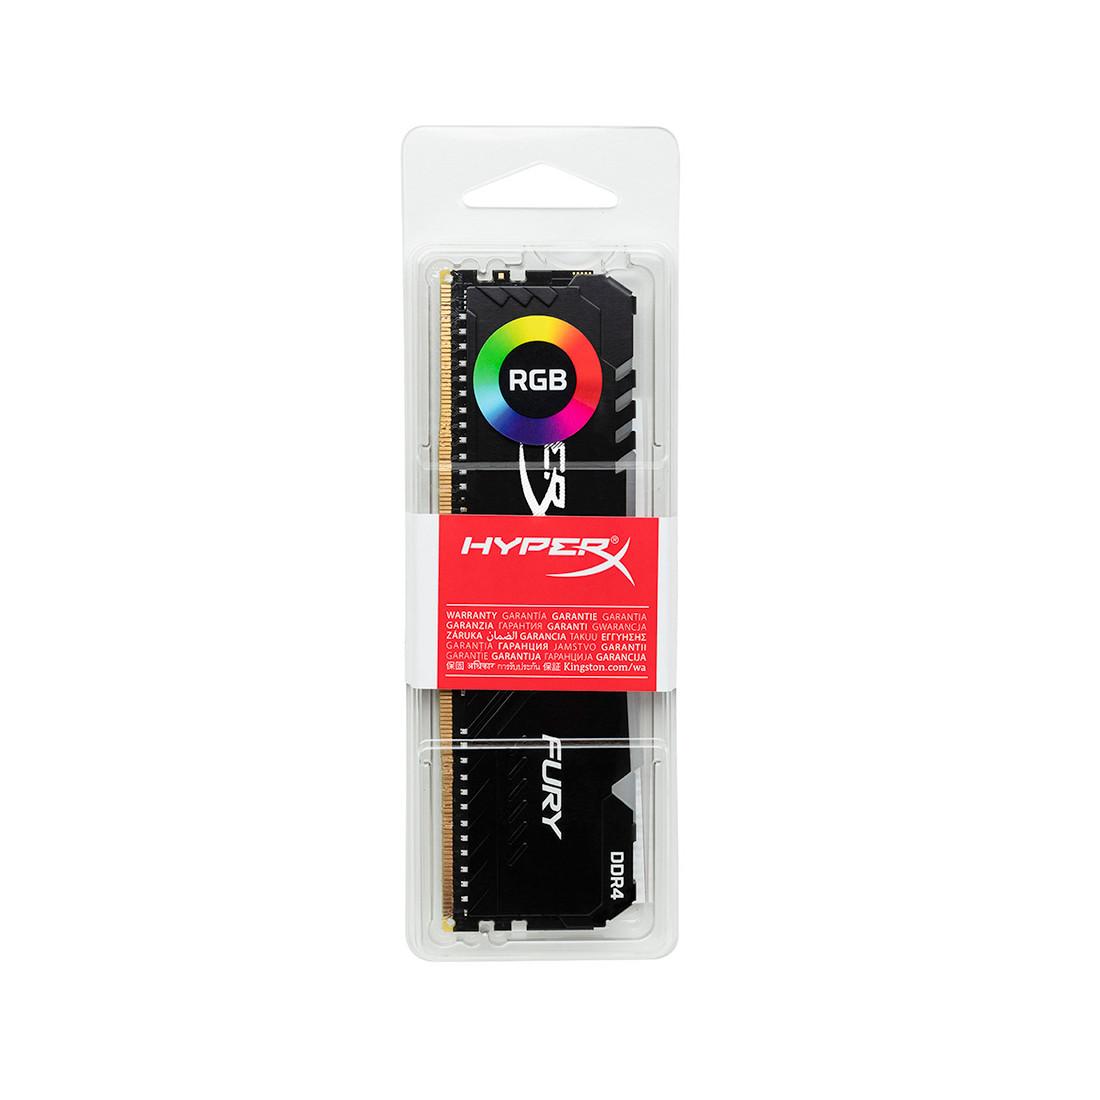 Модуль памяти Kingston HyperX Fury RGB HX430C15FB3A/16 DDR4 16G 3000MHz